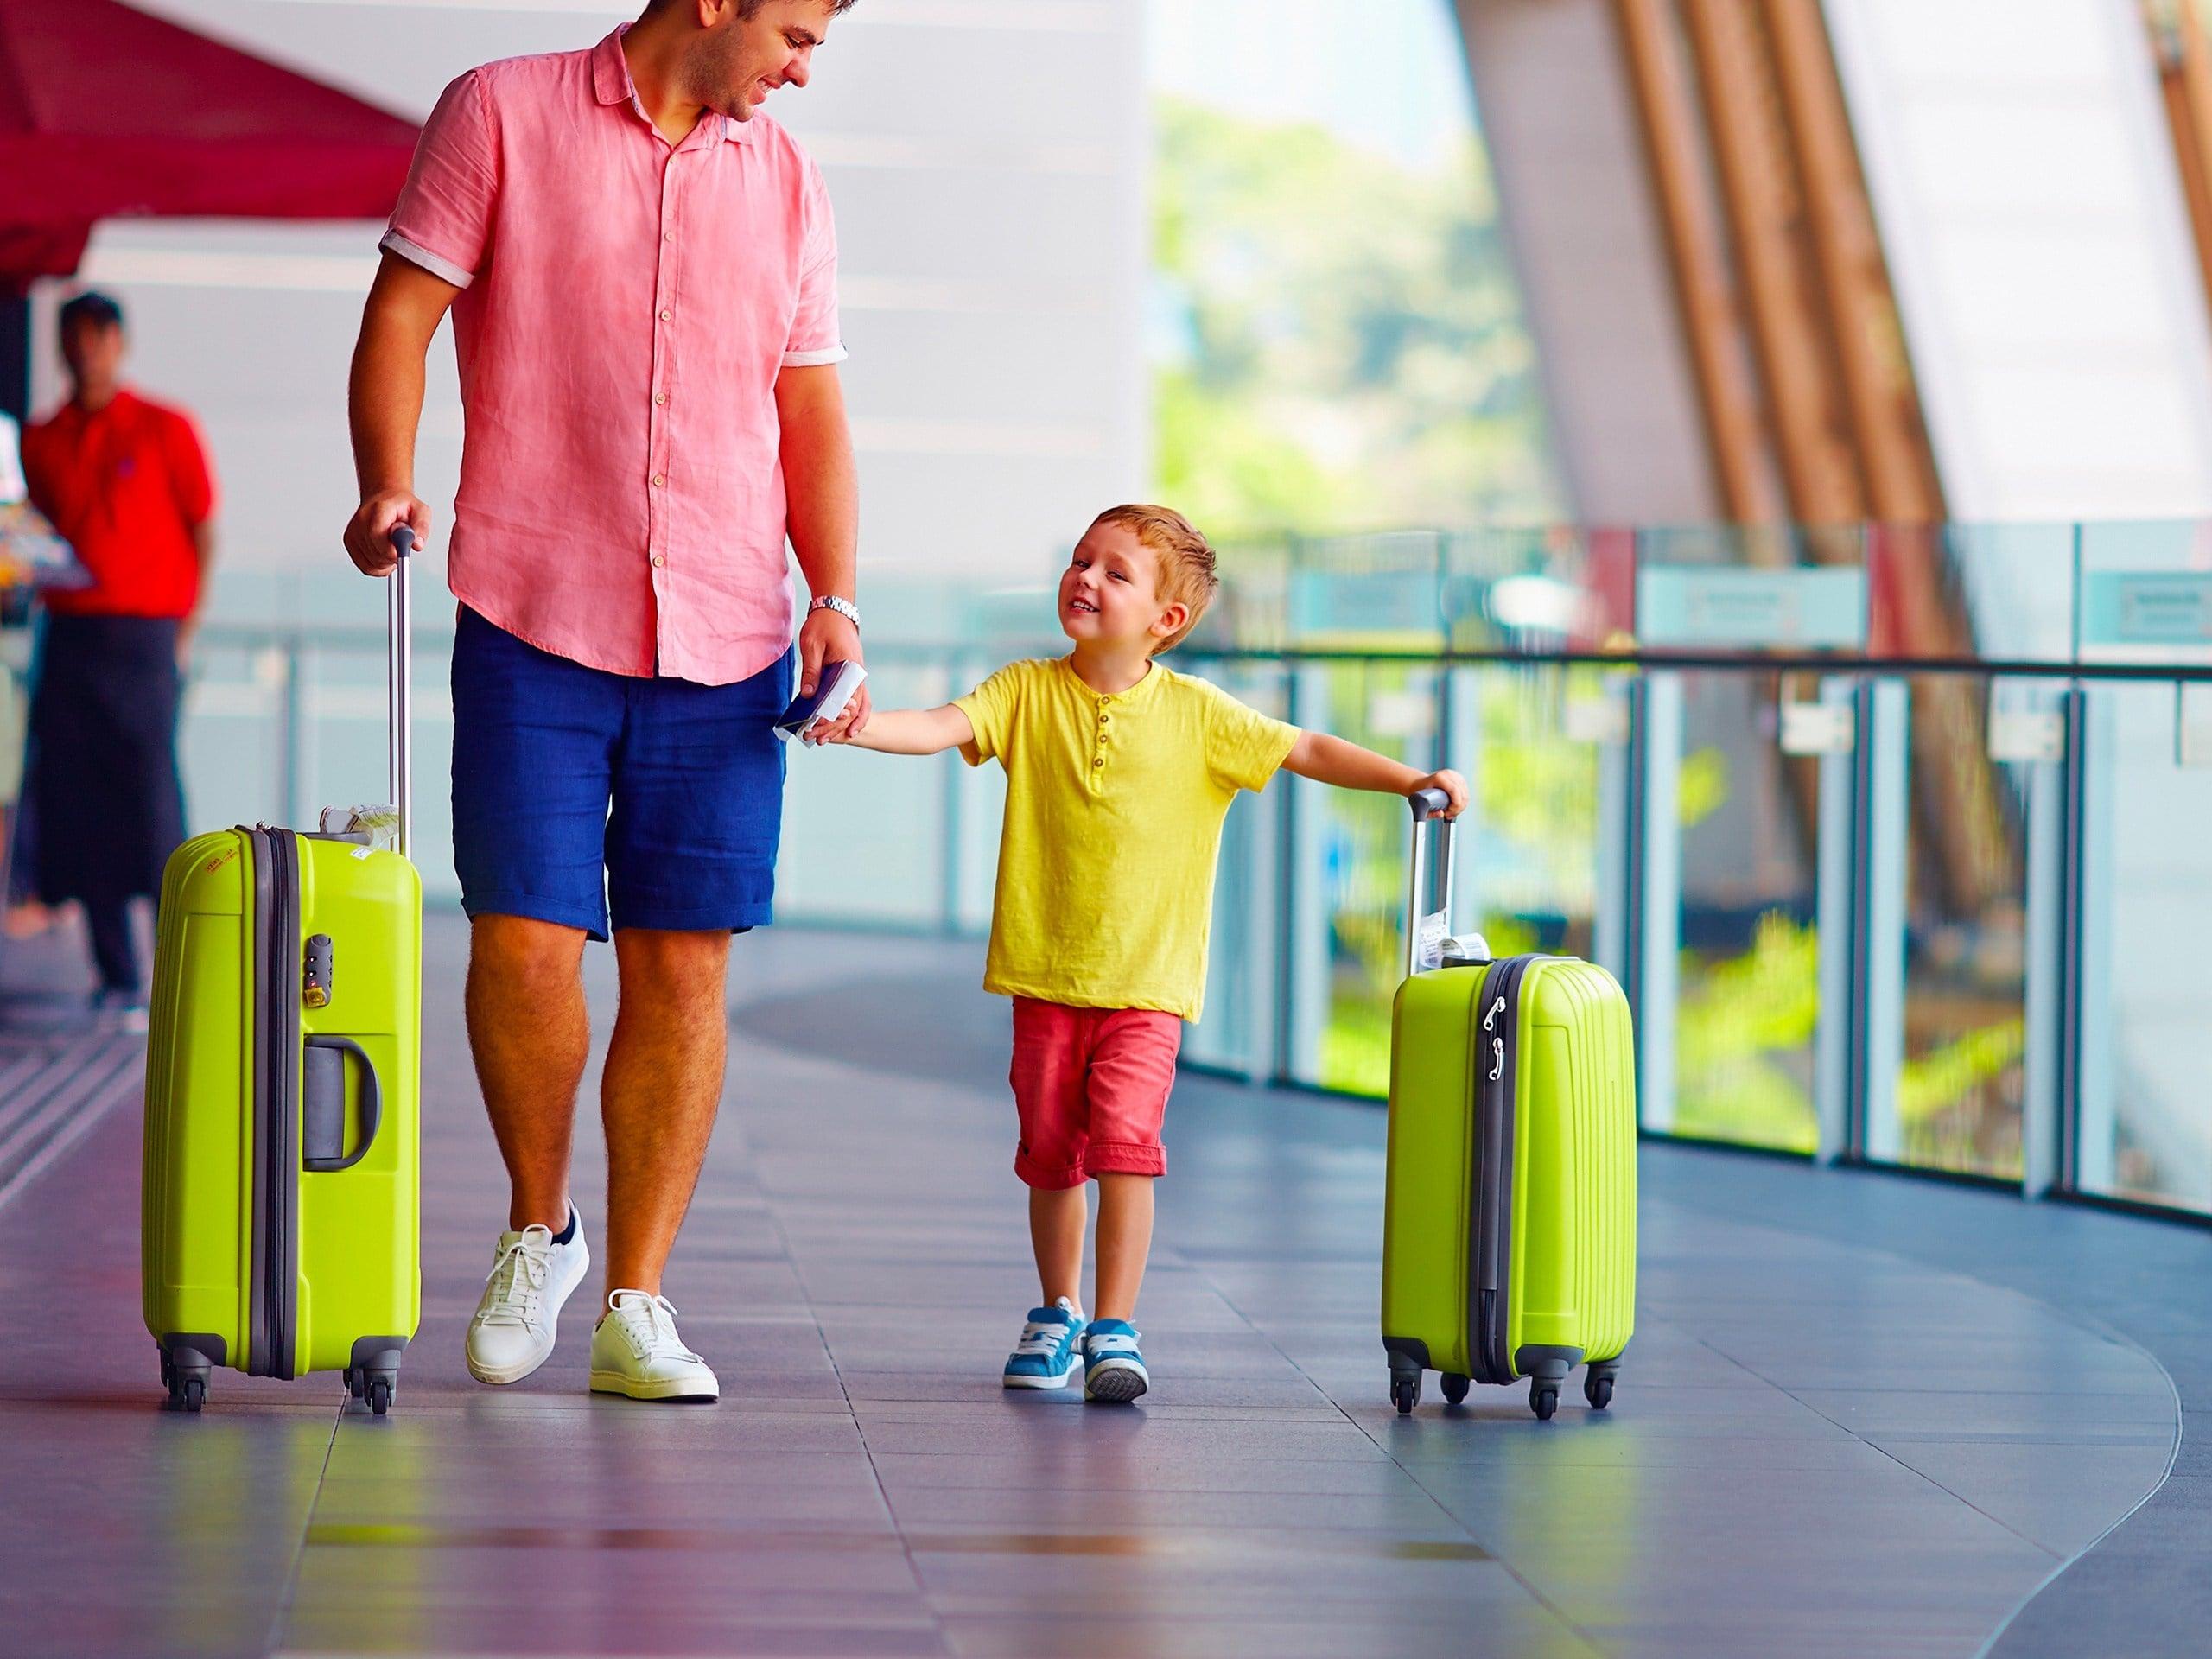 Đặc điểm nổi bật của vali kéo dành cho các bé